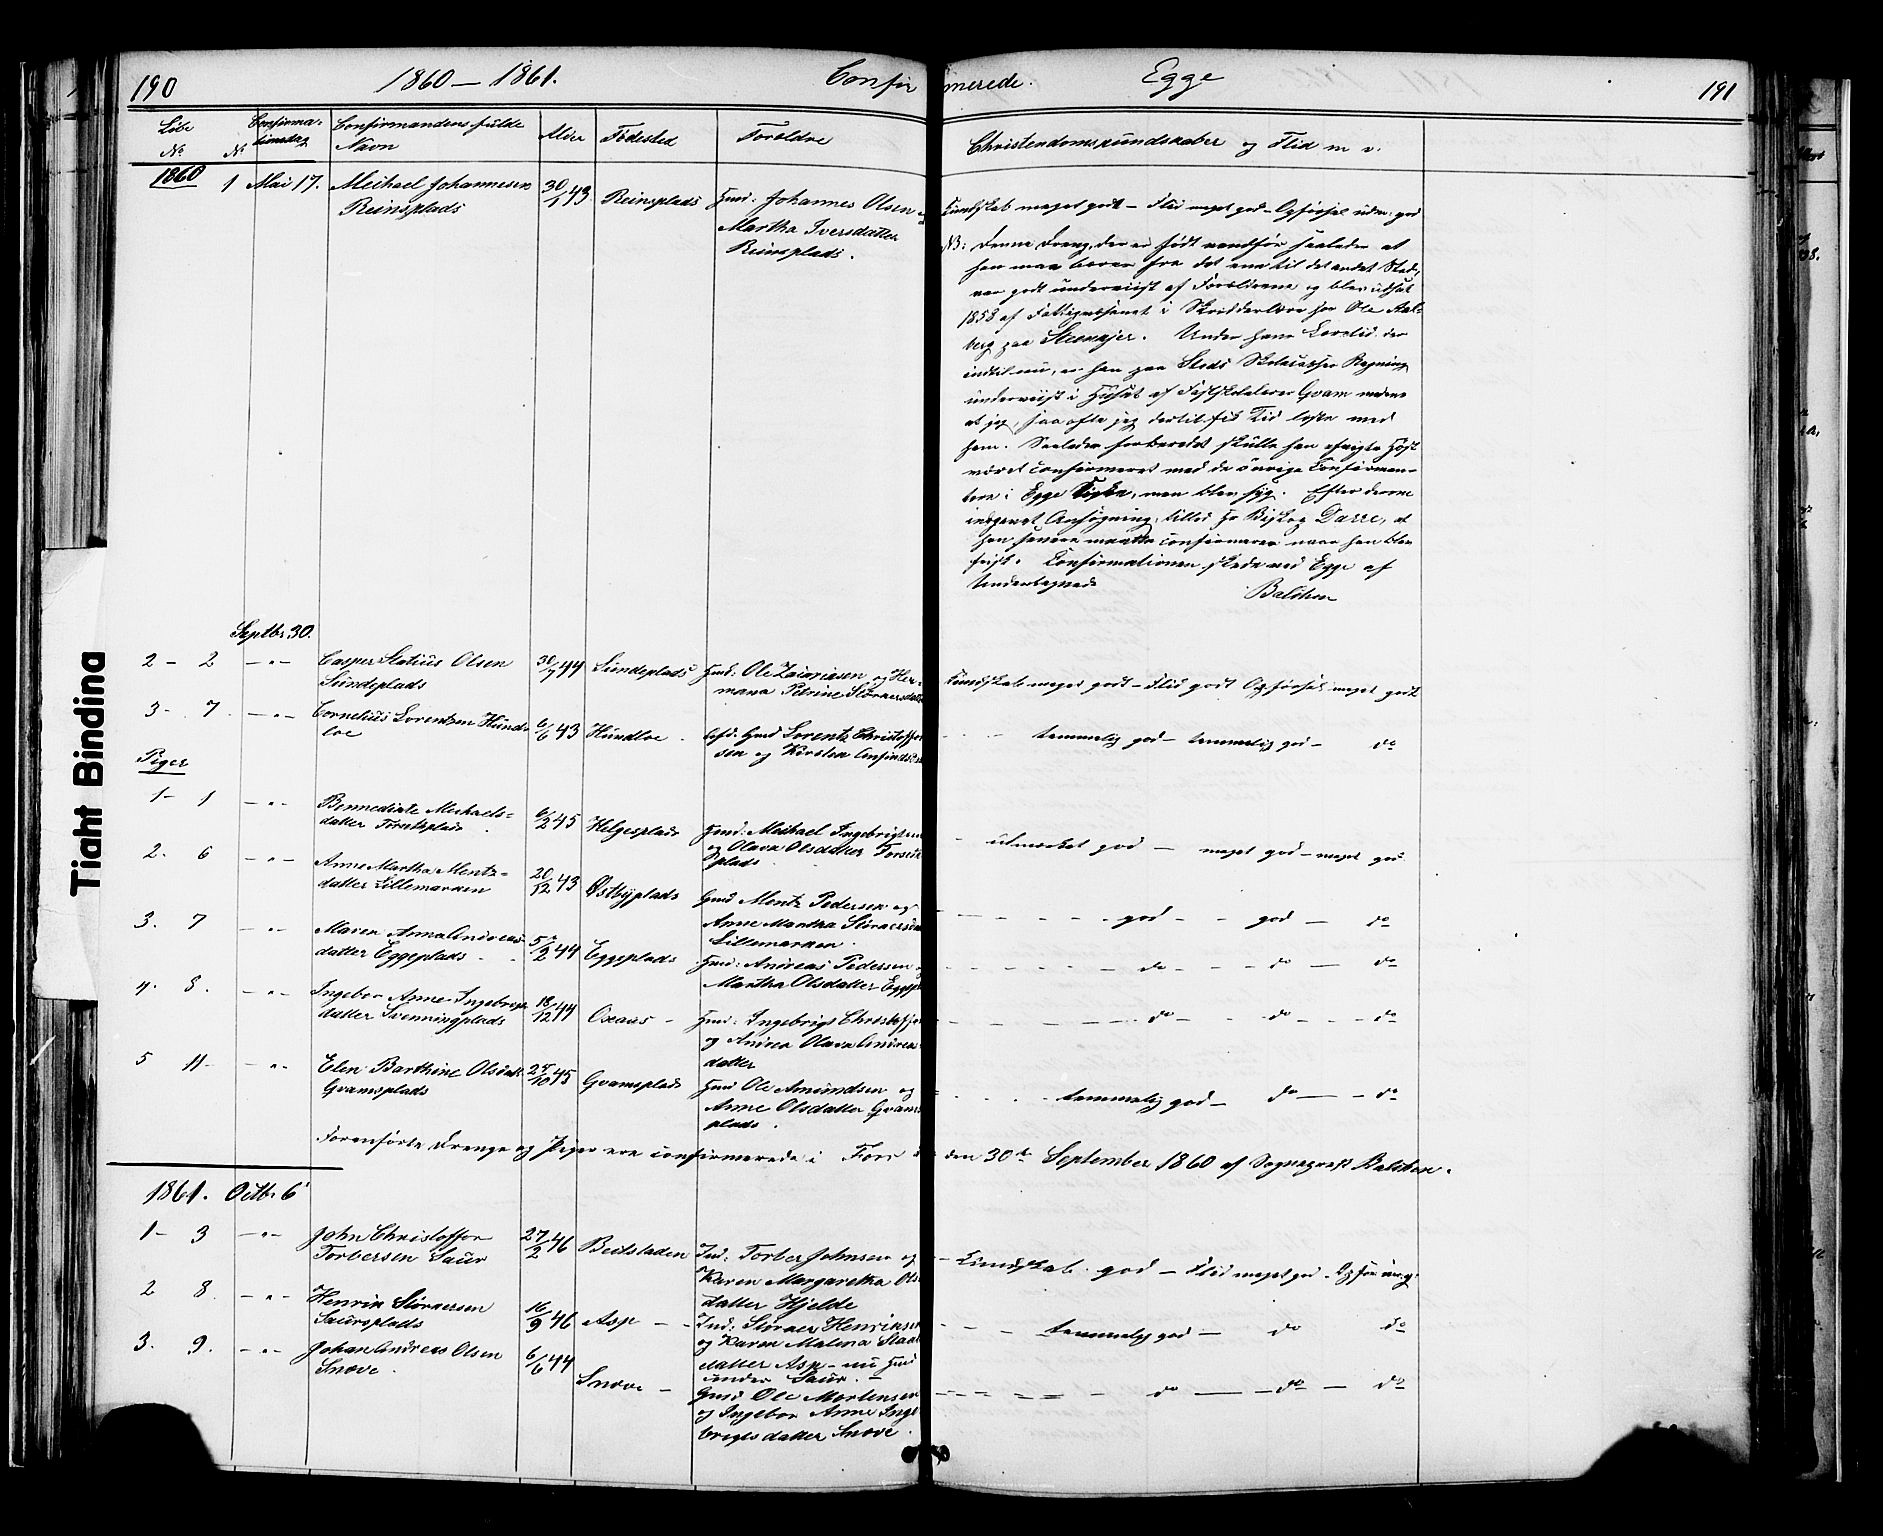 SAT, Ministerialprotokoller, klokkerbøker og fødselsregistre - Nord-Trøndelag, 739/L0367: Ministerialbok nr. 739A01 /3, 1838-1868, s. 190-191